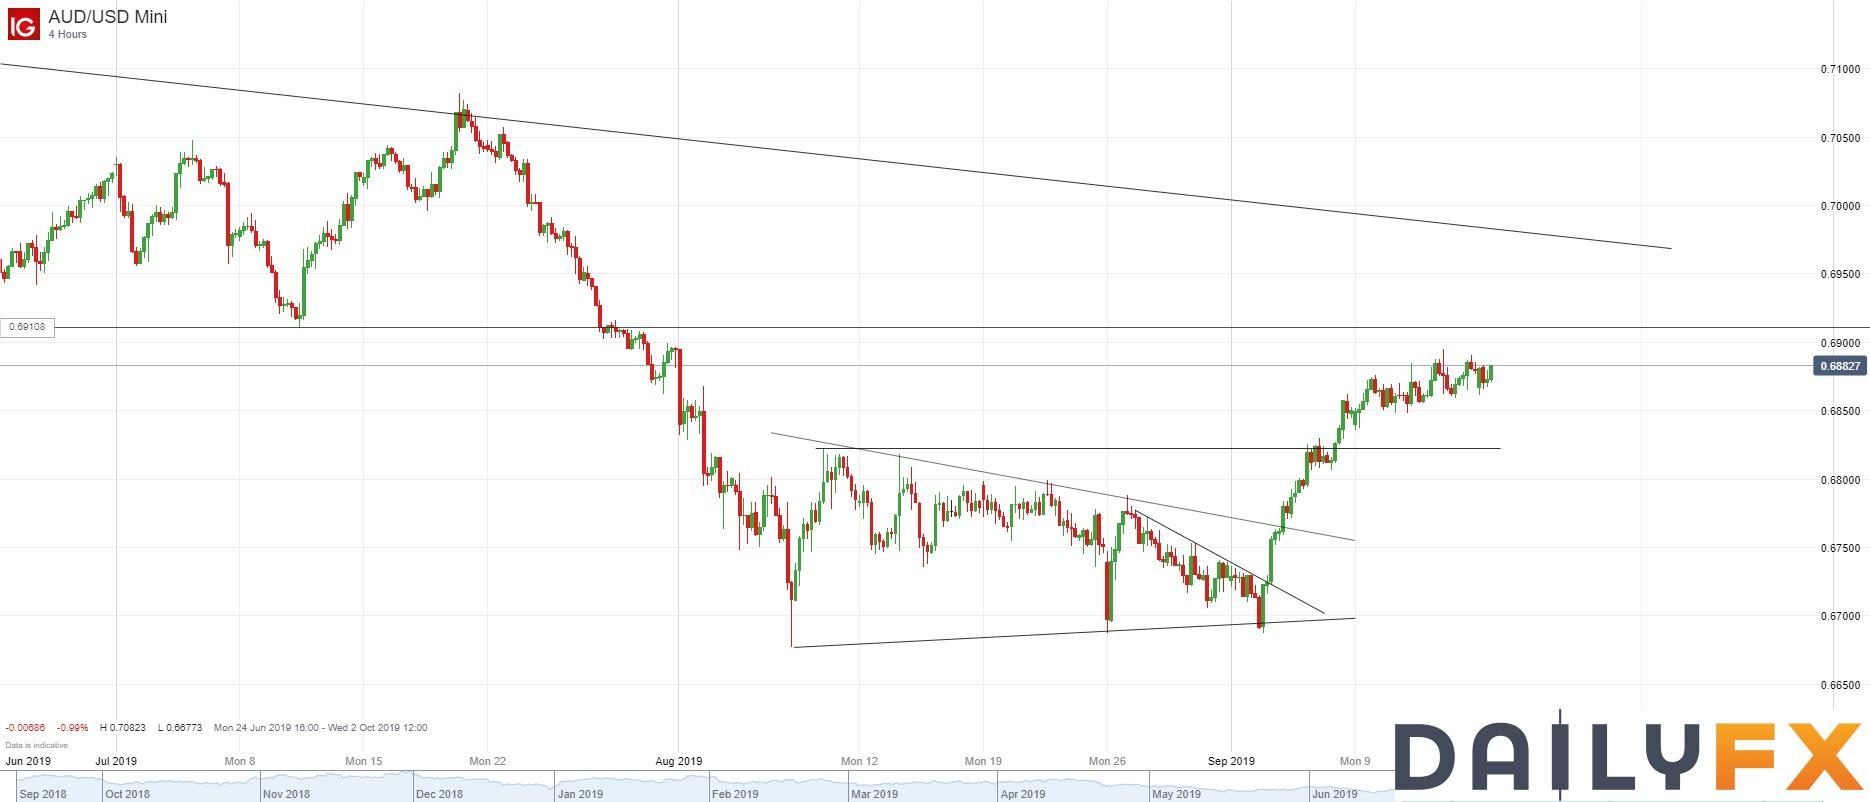 澳元/美元技术分析:上行动能缓慢,但短期仍爬向0.6900附近